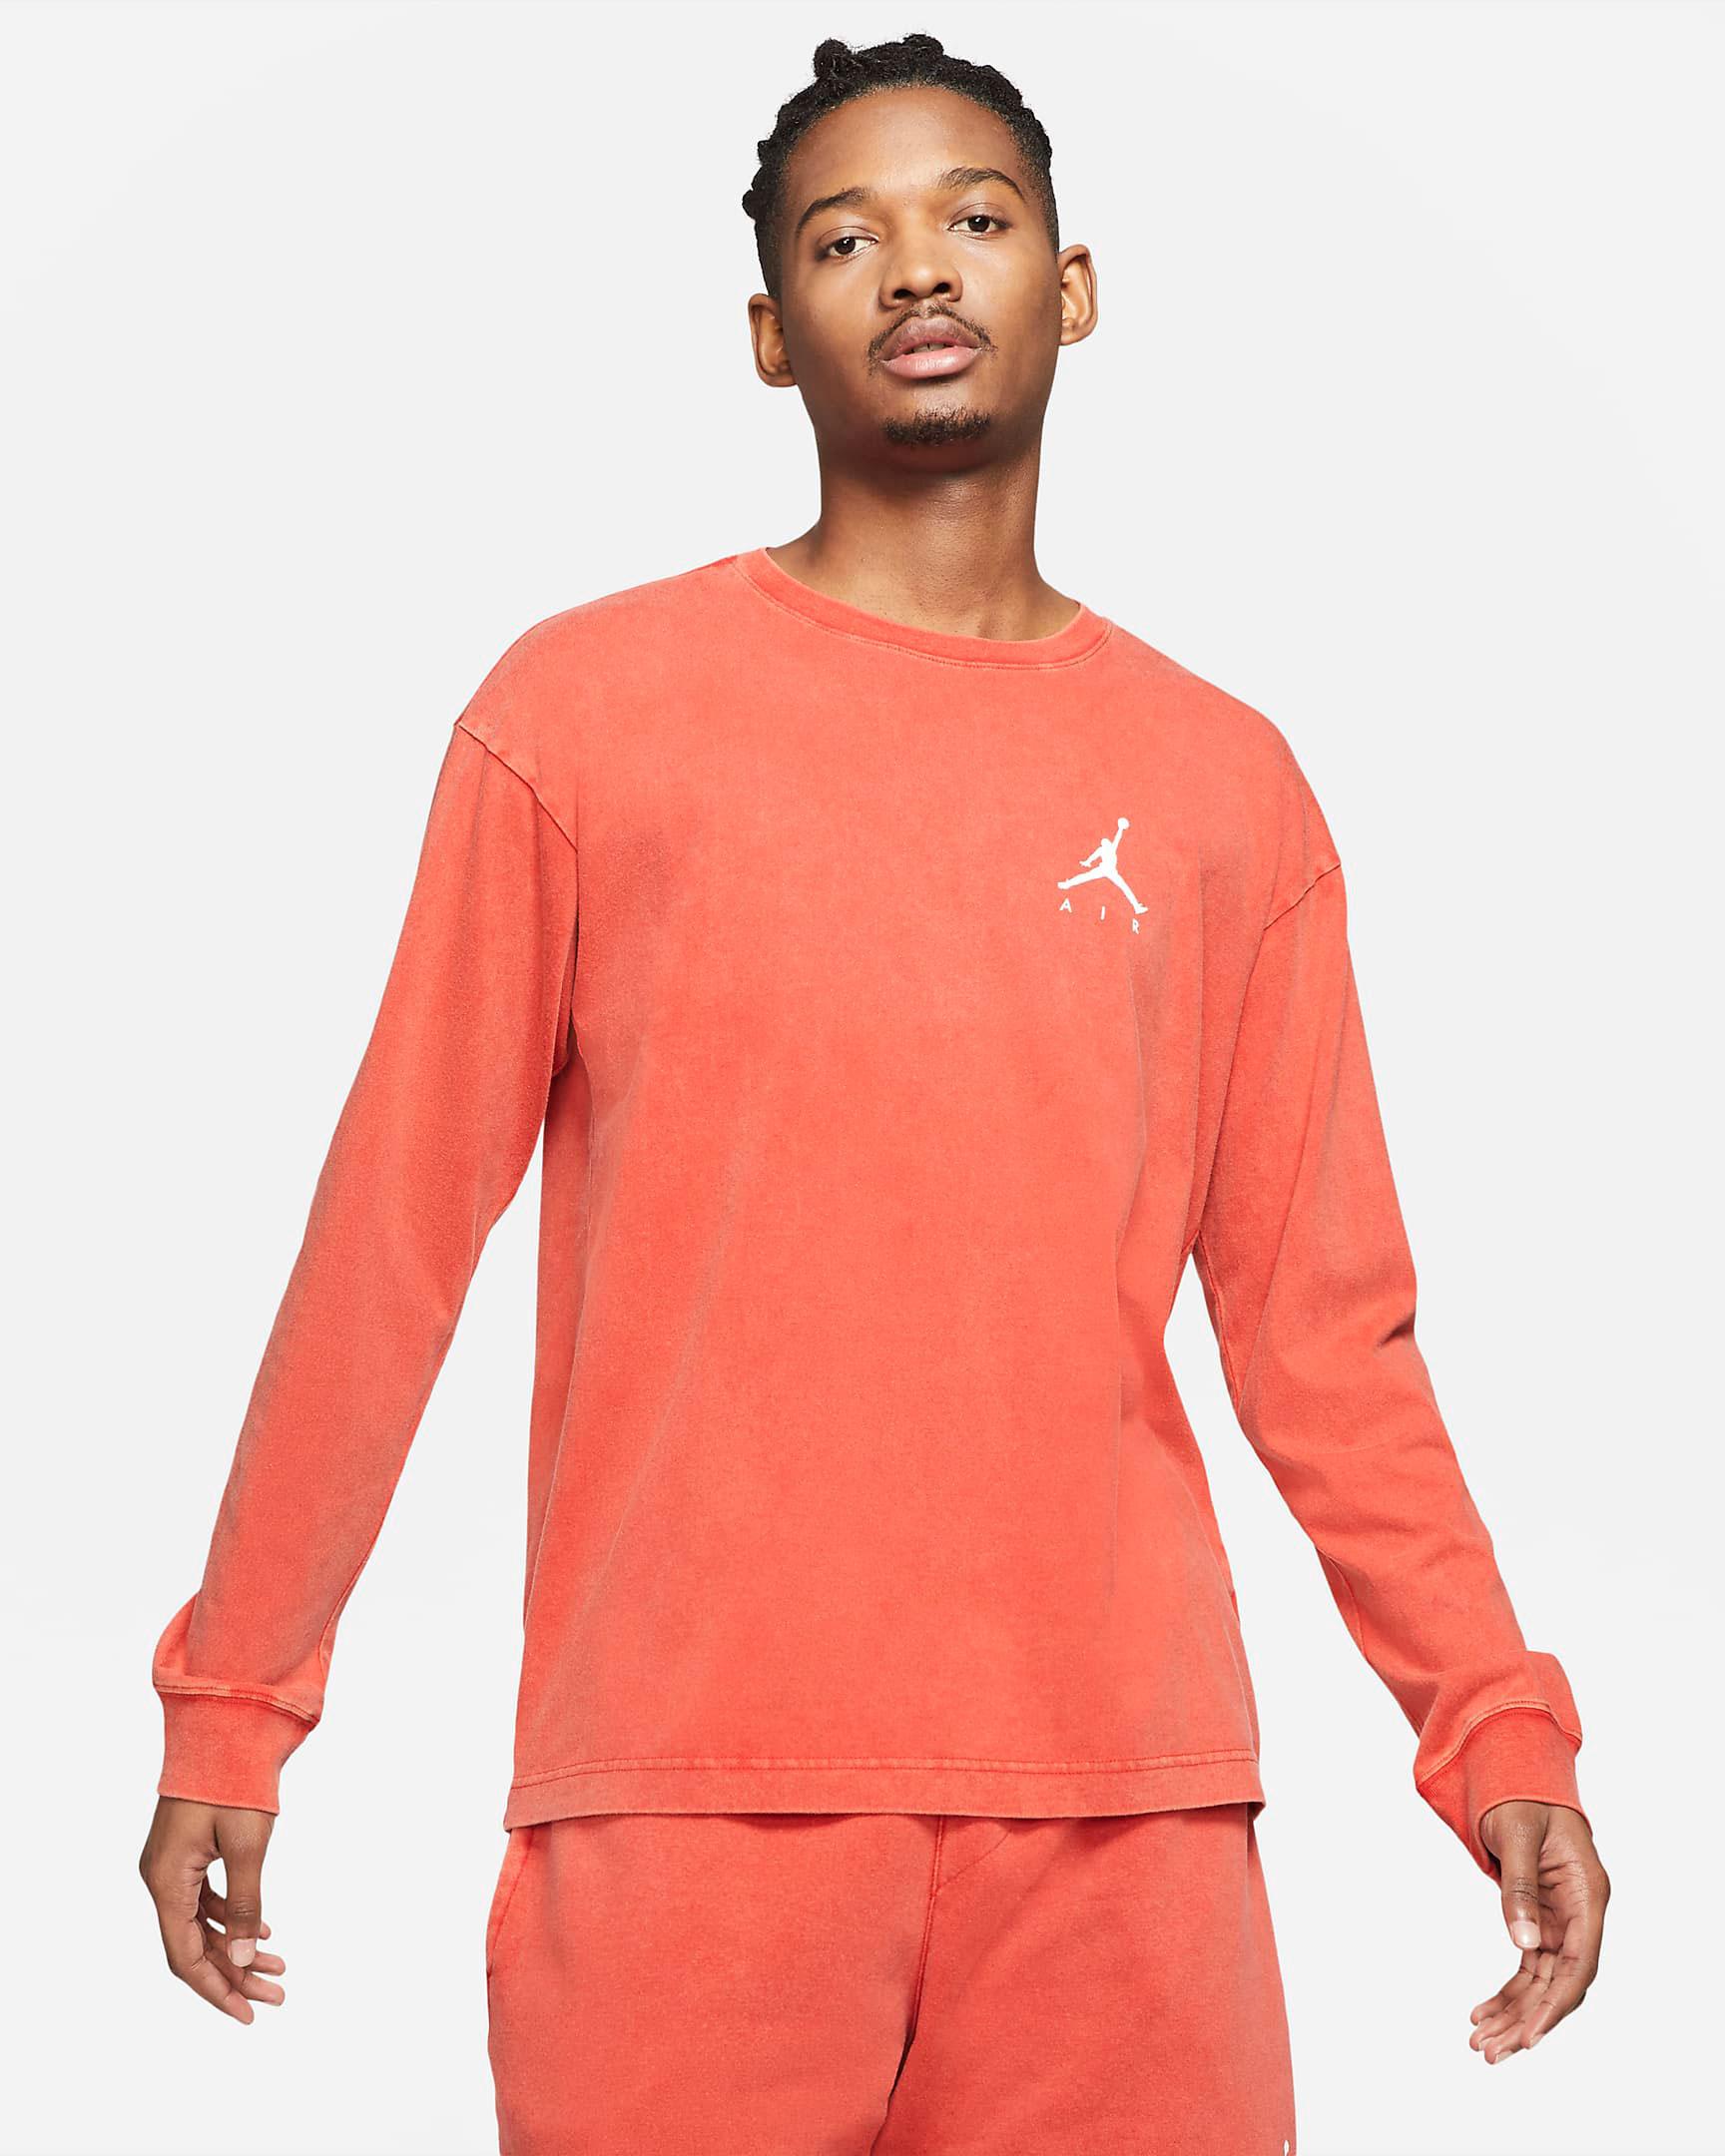 jordan-4-taupe-haze-infrared-shirt-match